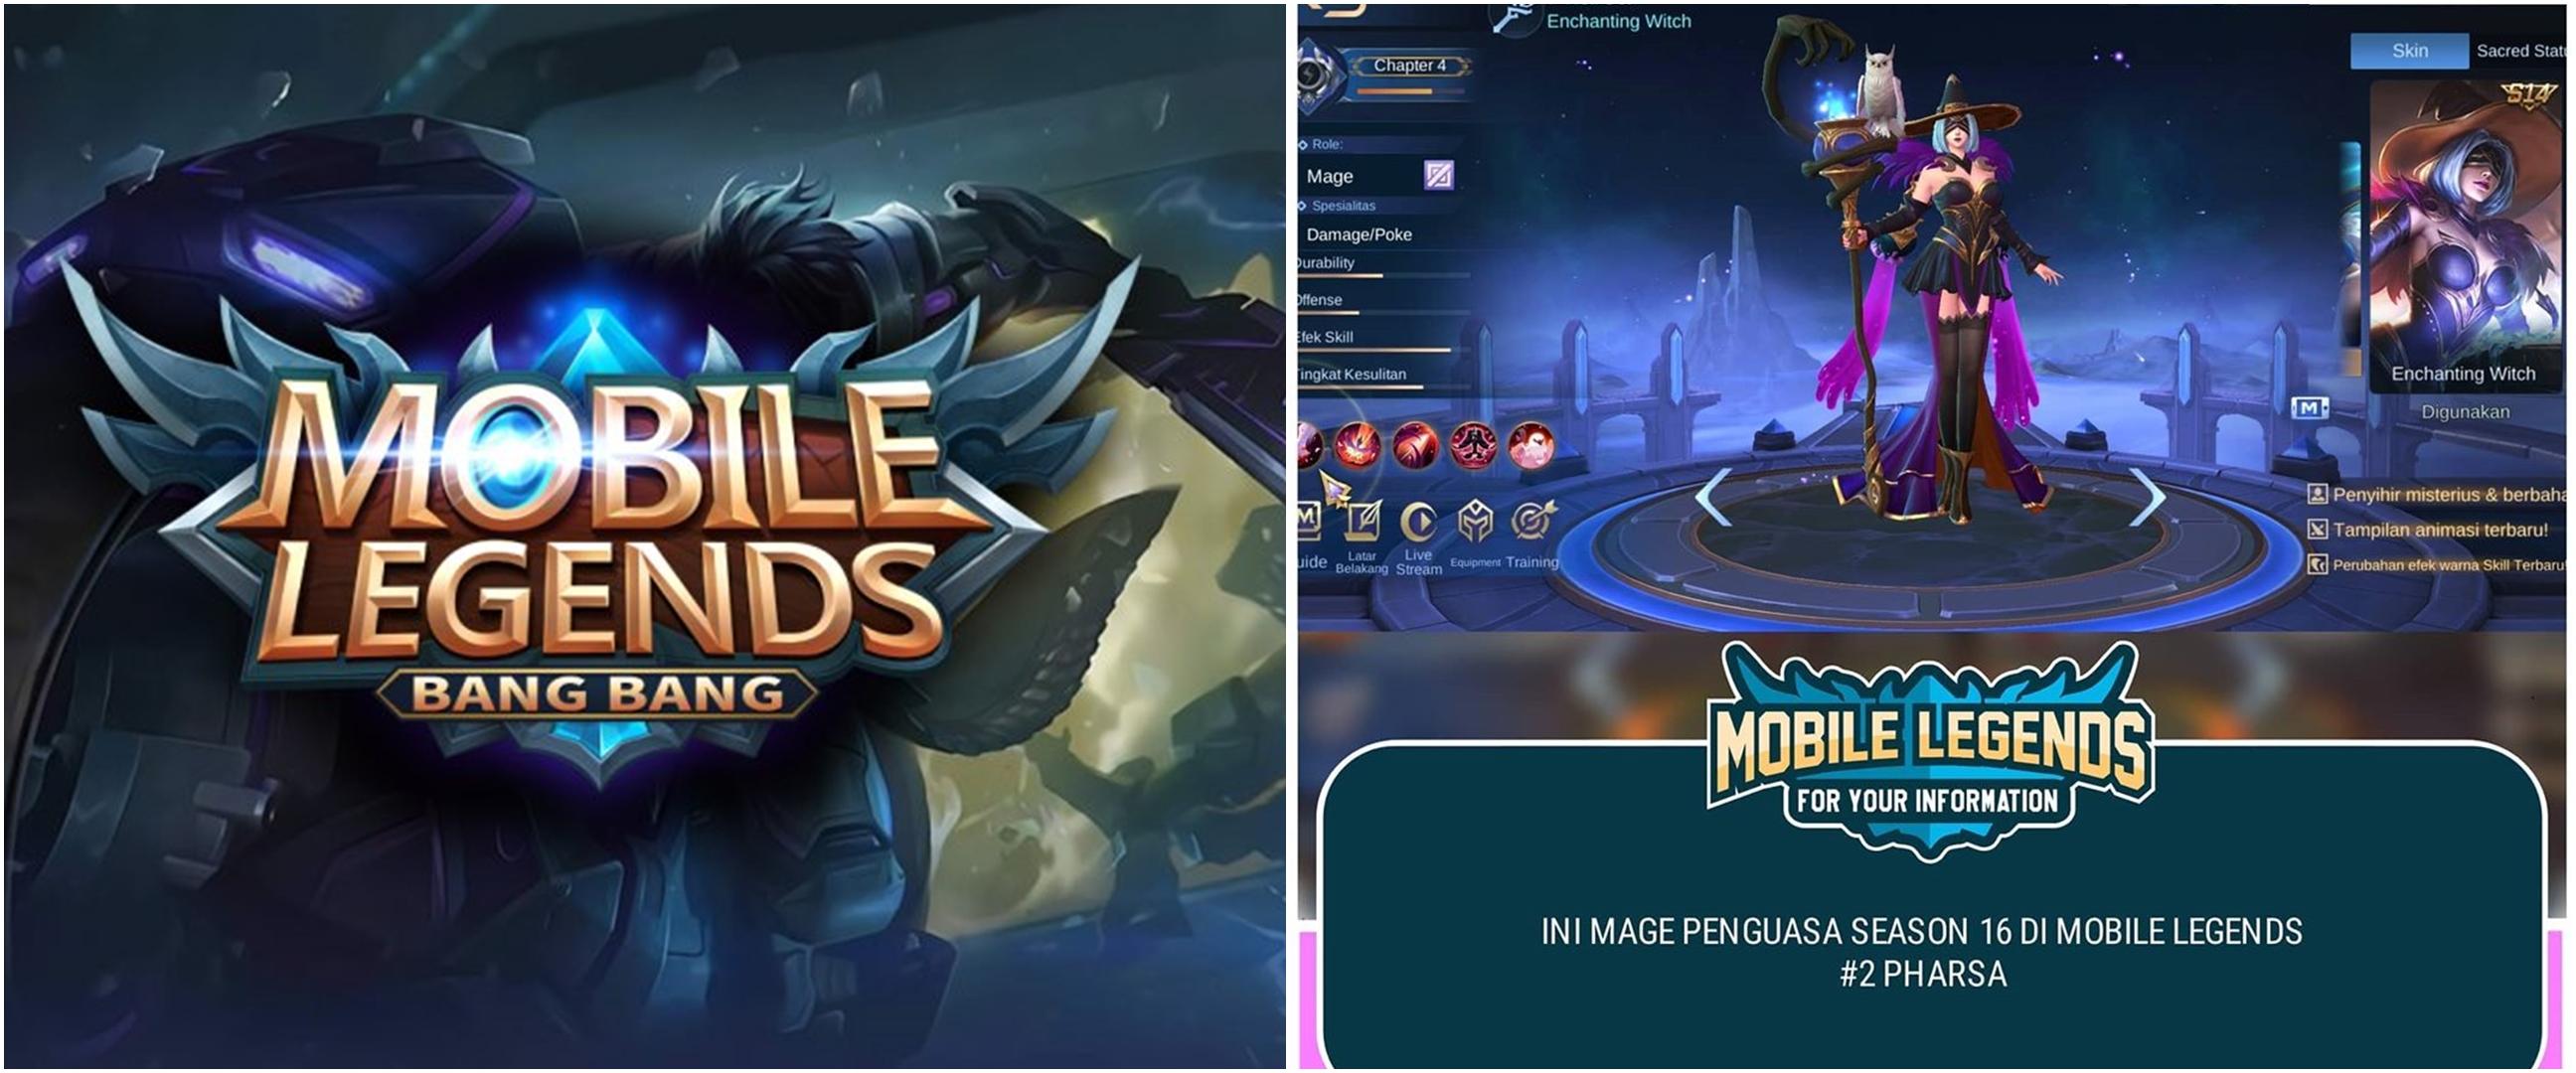 5 Hero Mage Mobile Legends terkuat, gamers wajib bisa